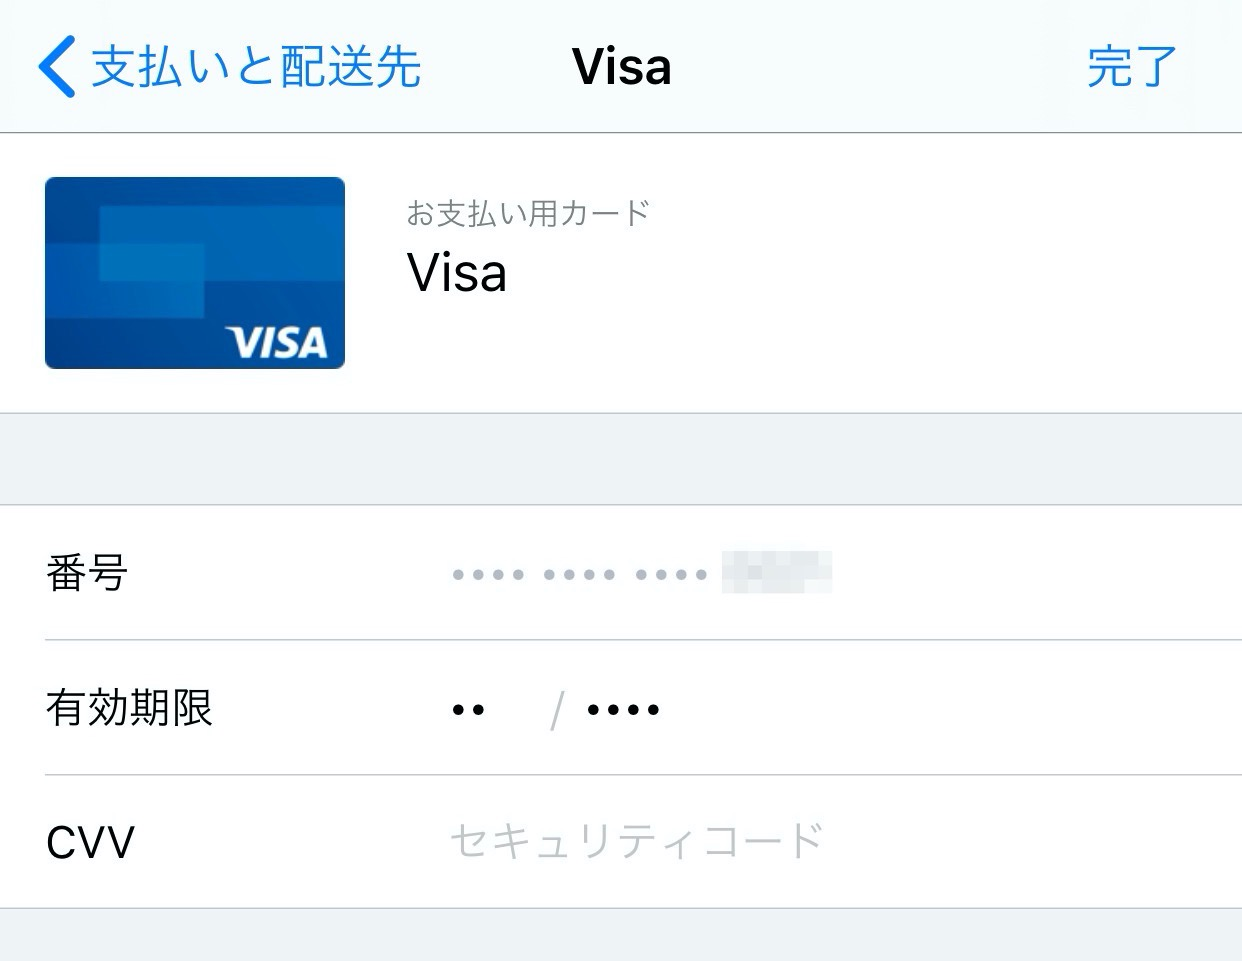 【Kyash】Apple IDの支払い方法に「Kyash Card」が登録できる